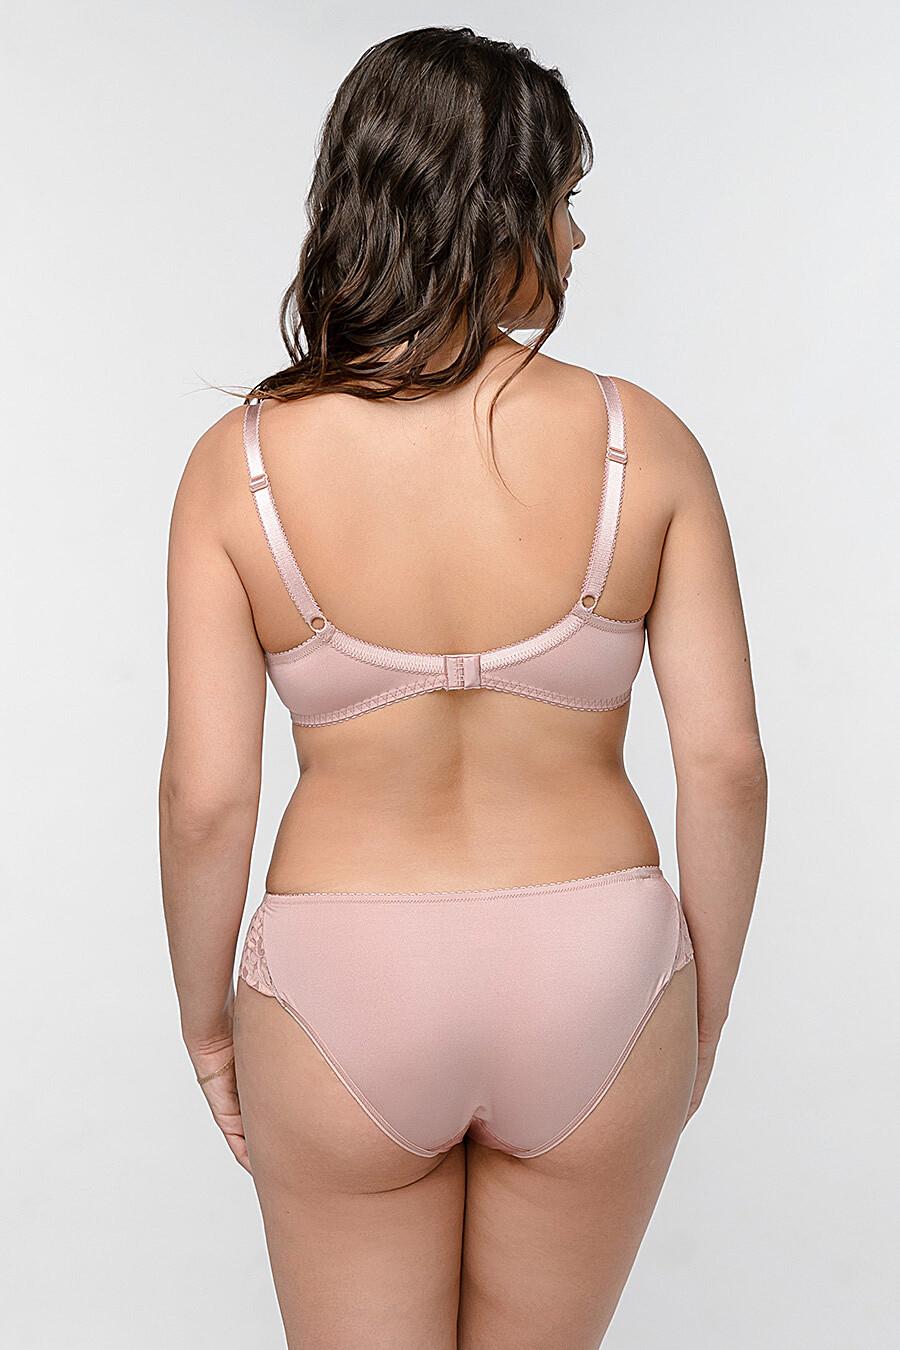 Бюстгальтер для женщин MILADY 247669 купить оптом от производителя. Совместная покупка женской одежды в OptMoyo